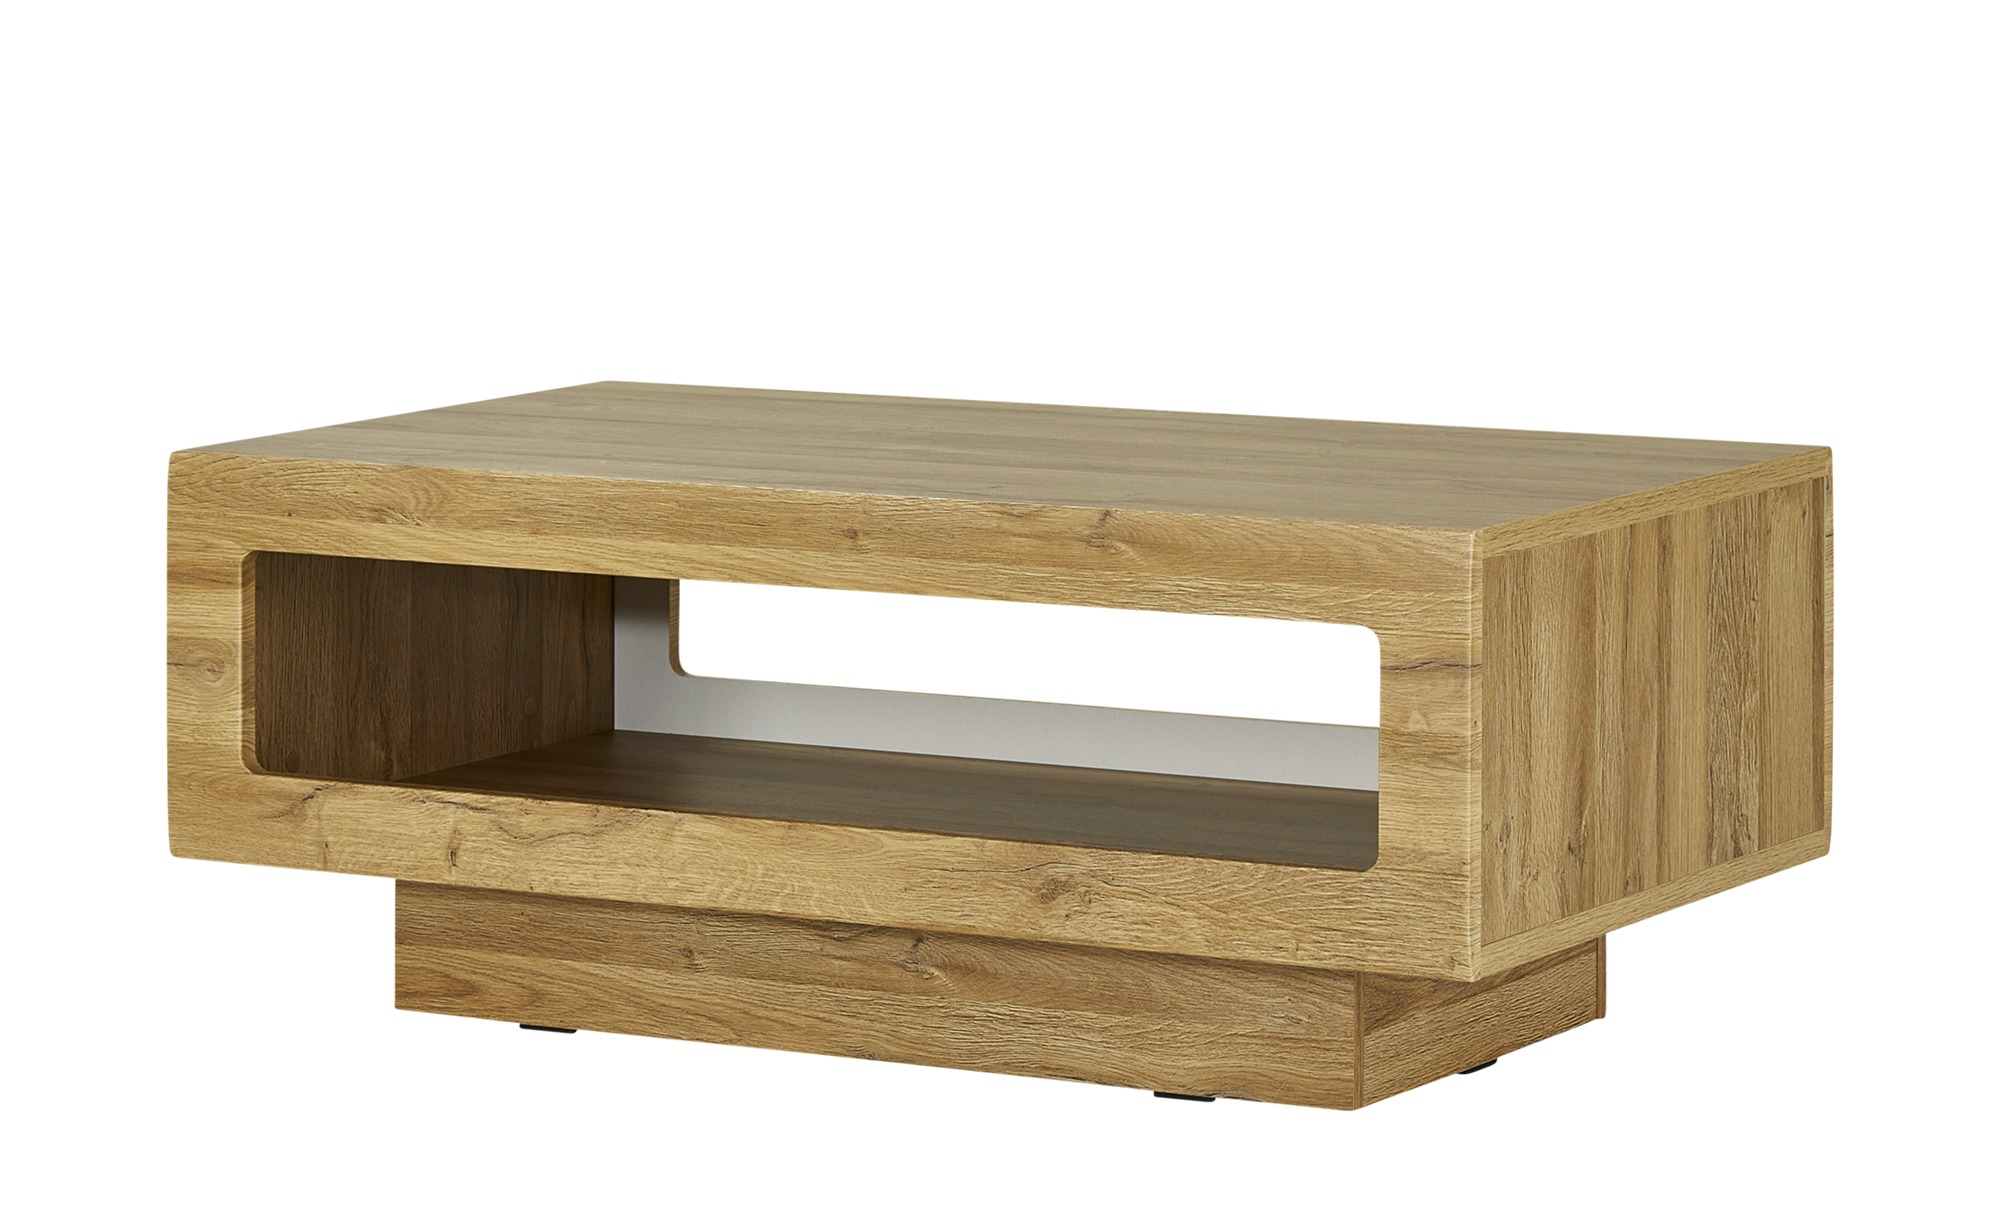 Couchtisch  Ardea ¦ holzfarben ¦ Maße (cm): B: 110 H: 44 T: 60 Tische > Couchtische > Couchtische rechteckig - Höffner